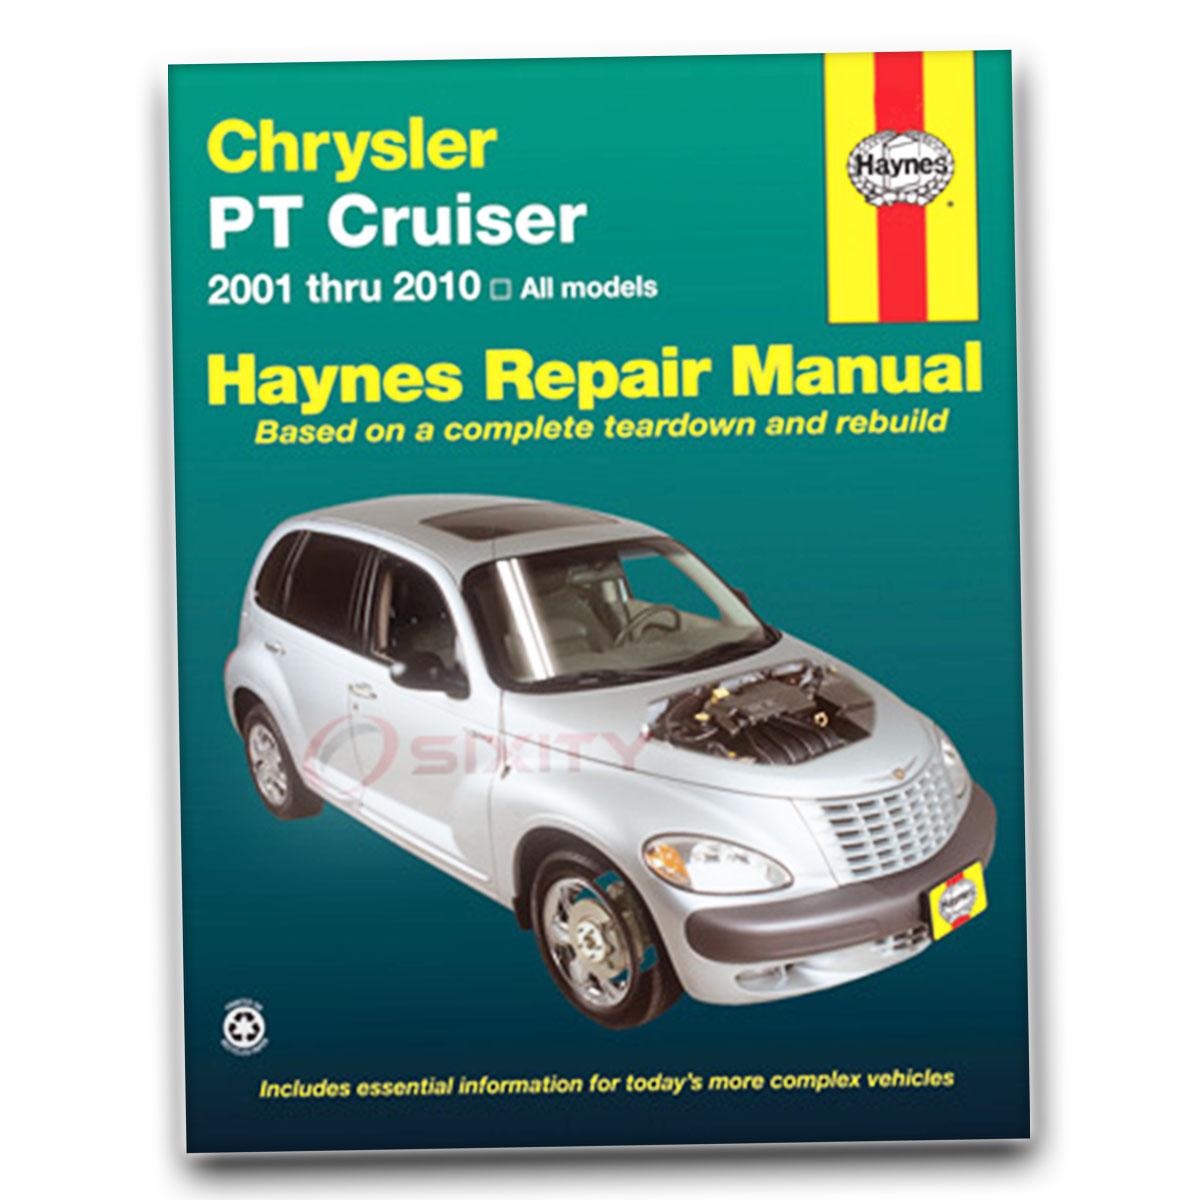 Haynes Repair Manual for Chrysler PT Cruiser Street Cruiser Dream Touring rr